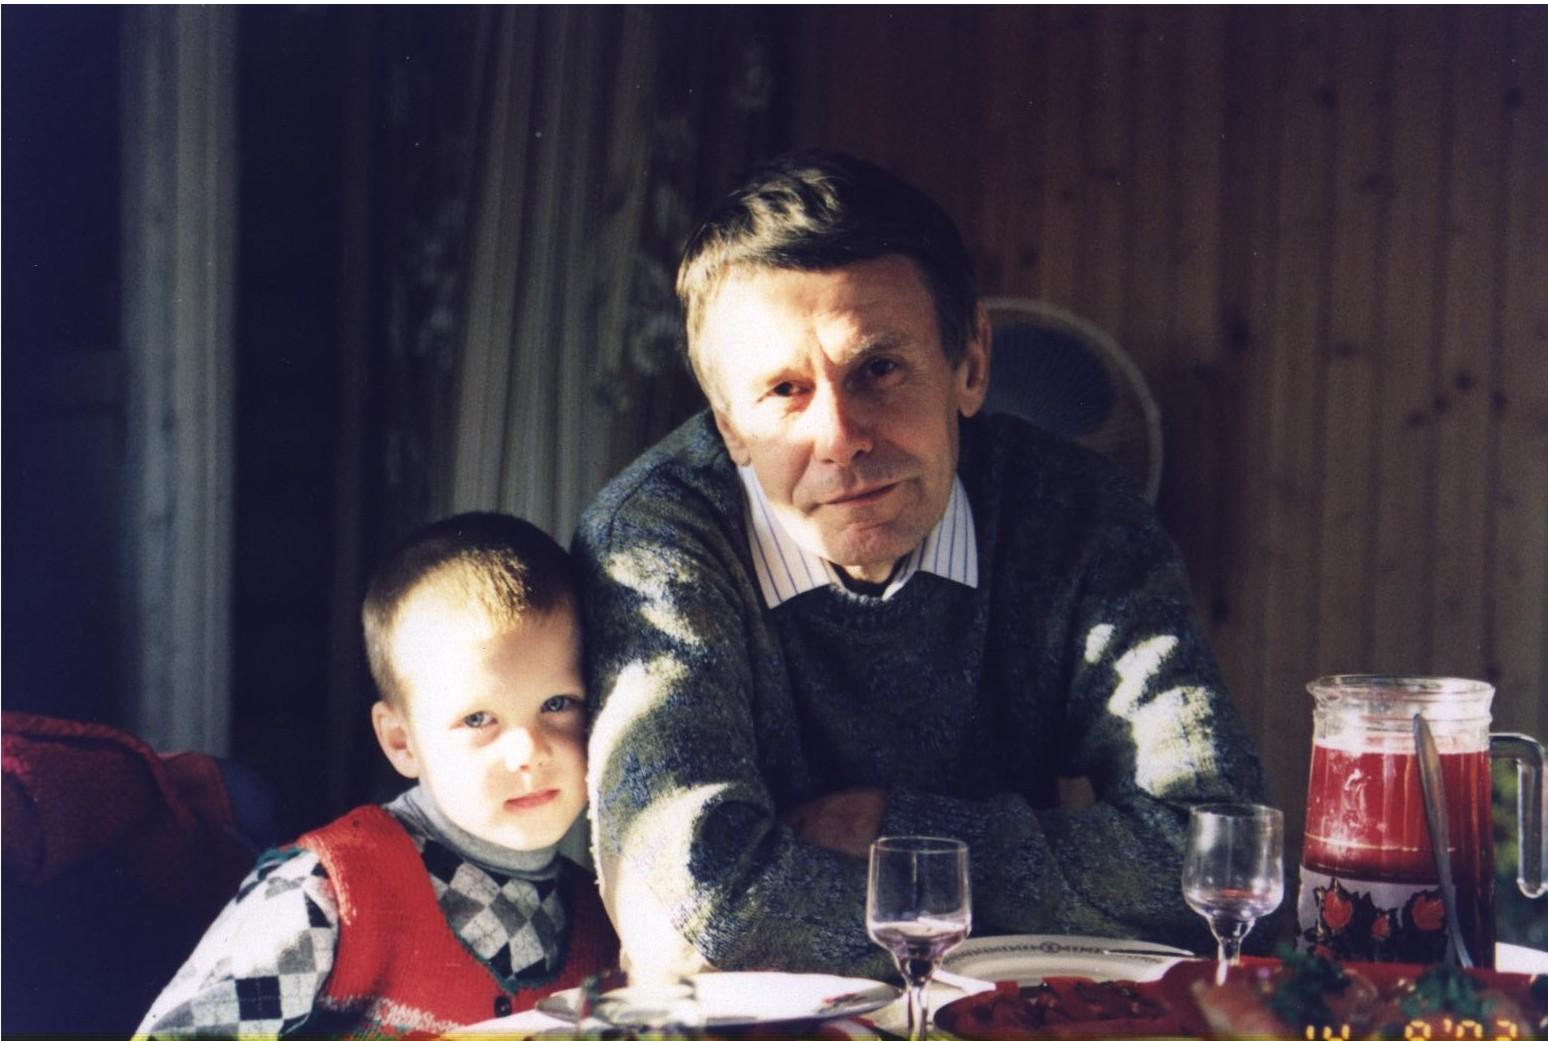 Інцест дед і внучка фото 10 фотография